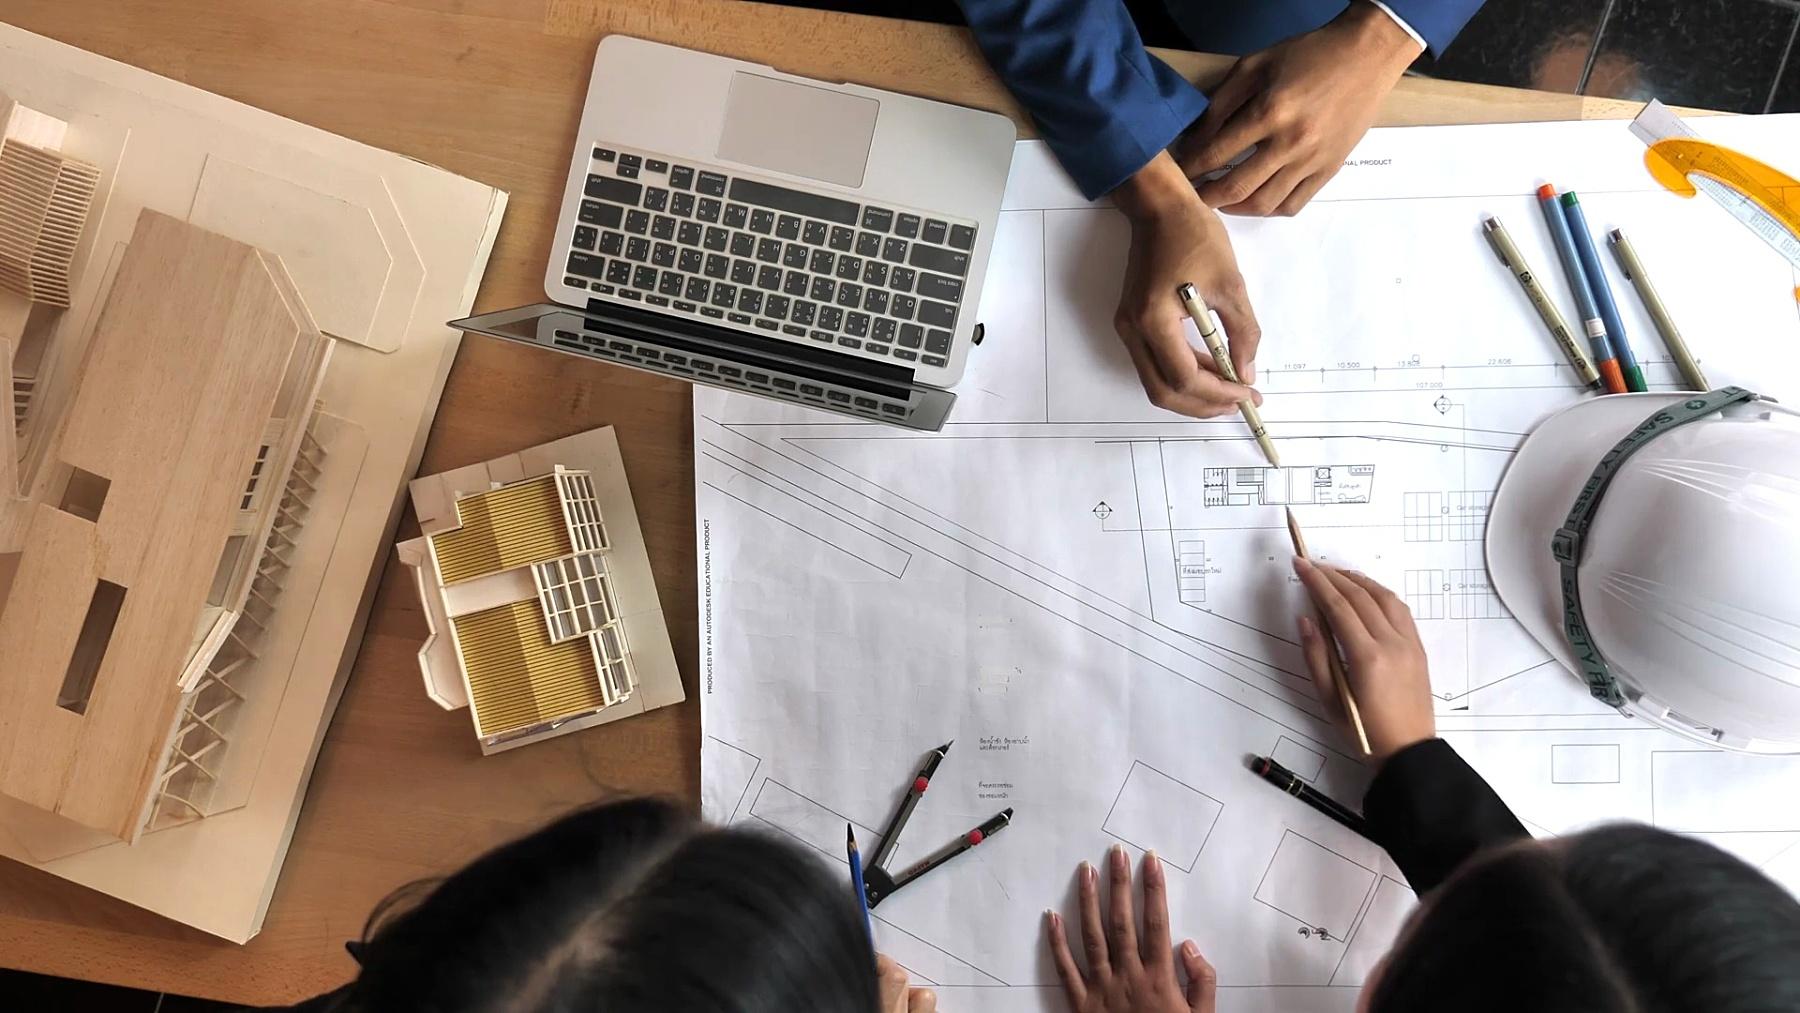 工程师团队讨论和讨论计划